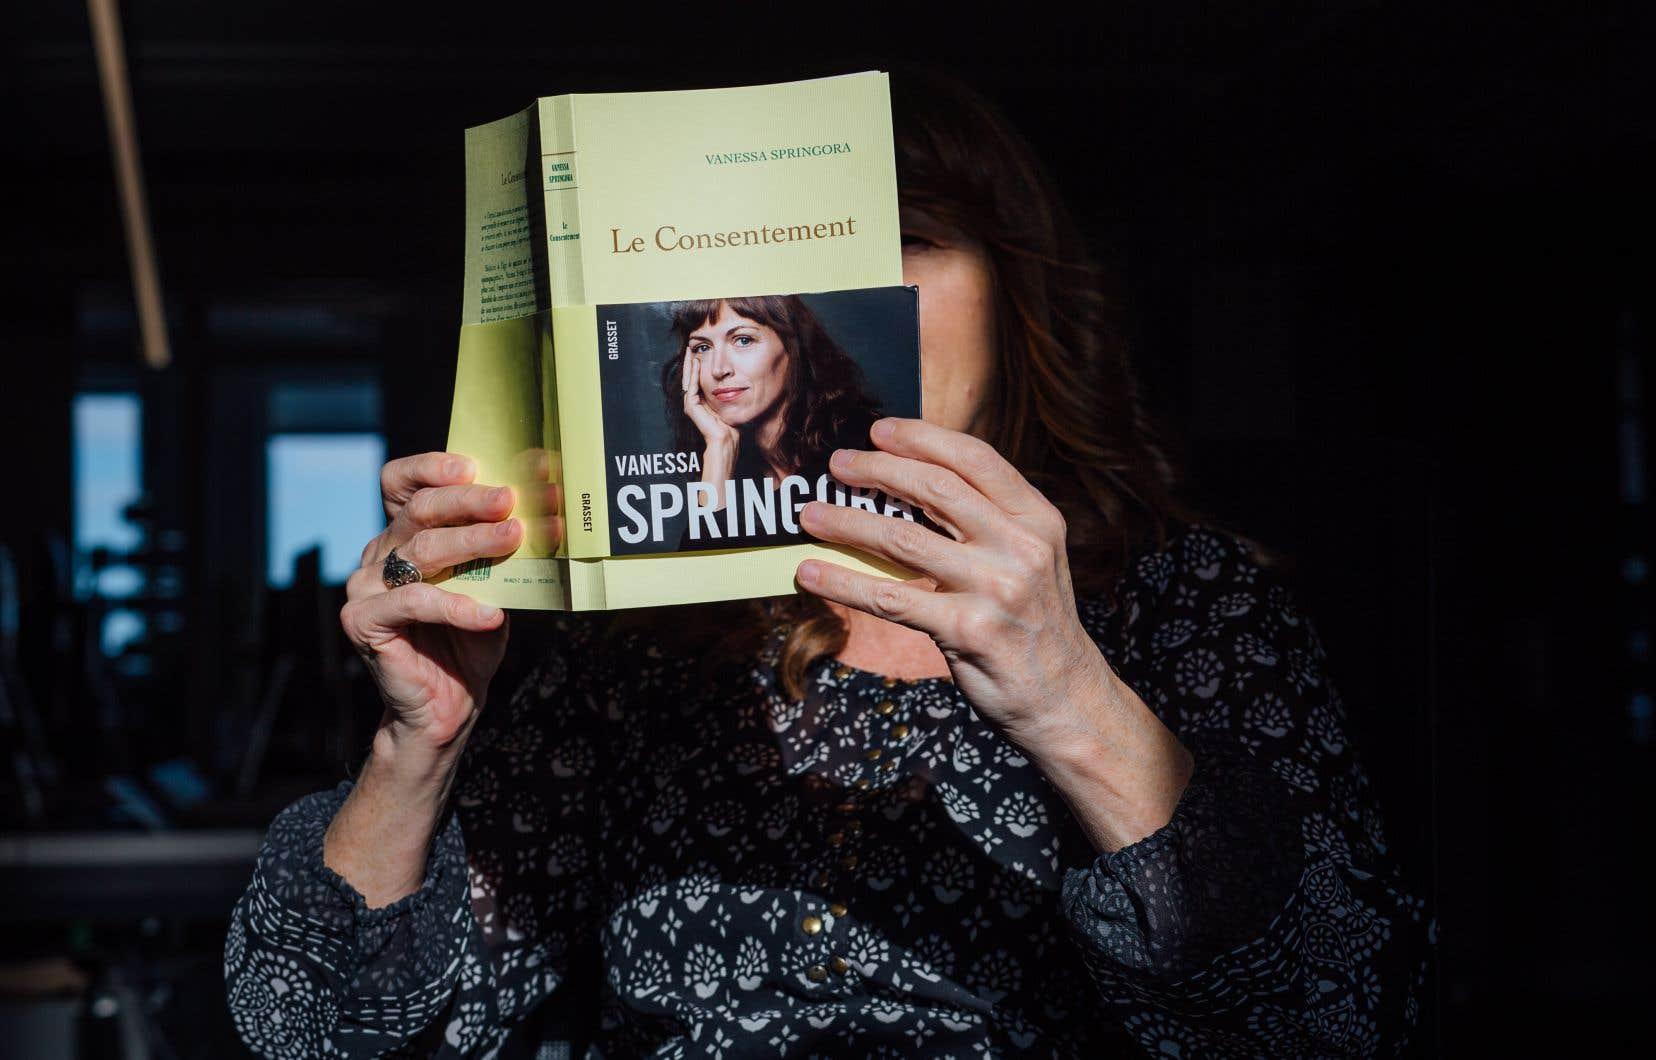 Si le livre de Vanessa Springora fait naître une colère, celle-ci ne déborde pas pour autant des lignes. Preuve du travail mis dans chaque phrase.